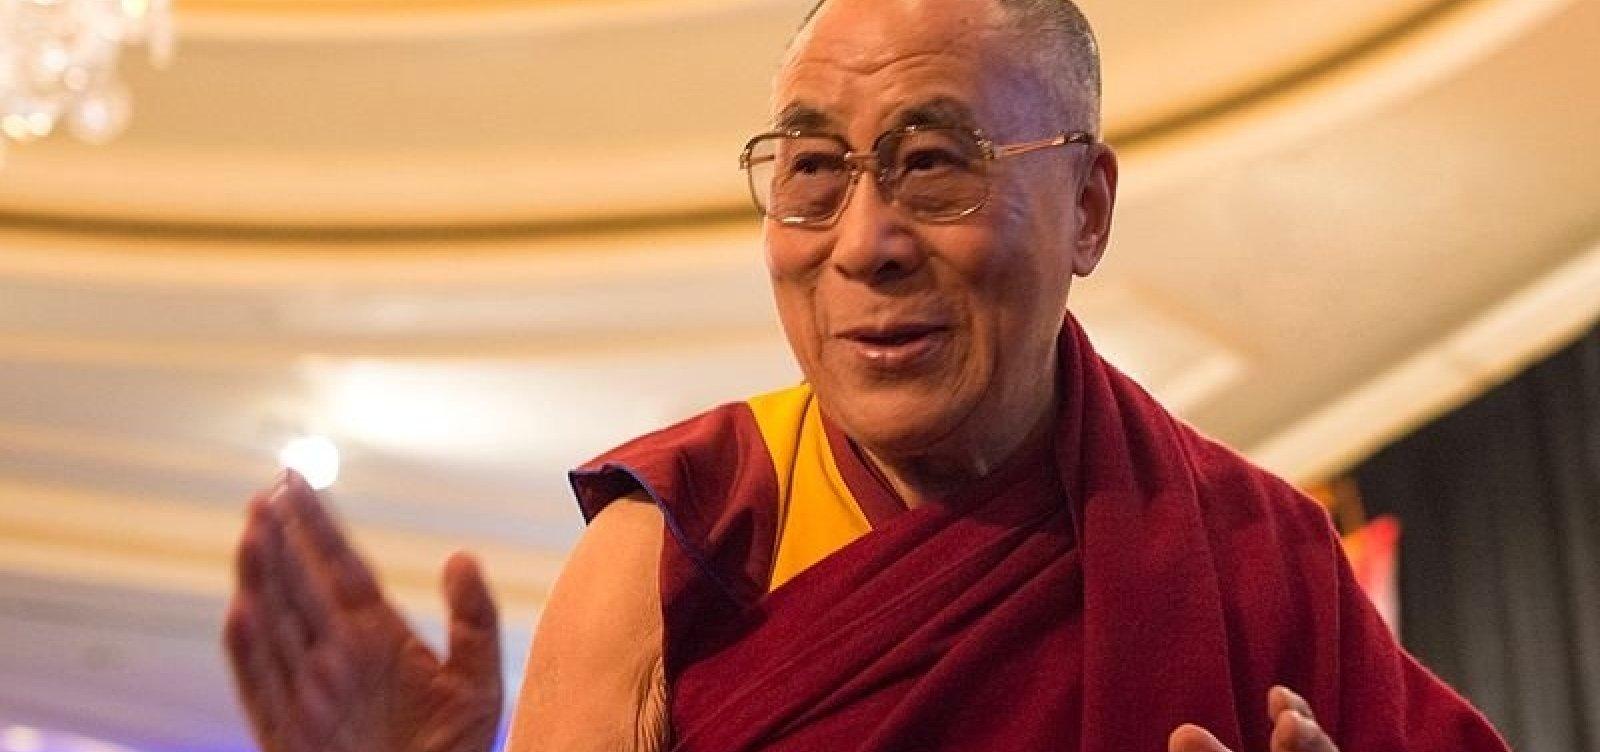 [Com dores no peito, 14º Dalai Lama é internado na Índia]